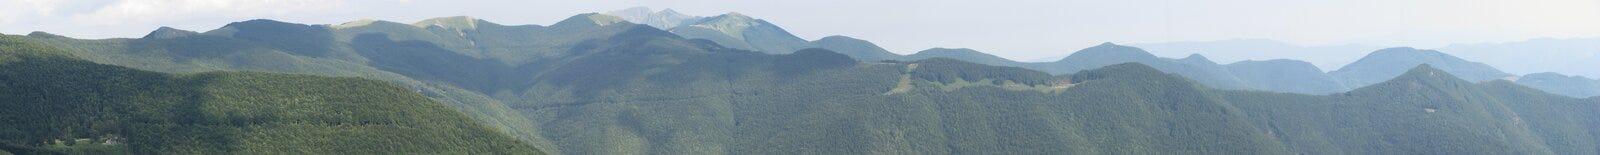 Ευρύ πανόραμα tuscan emilian apennines από το αρχαίο χωριό του SAN Pellegrino σε Alpe, Τοσκάνη, Ιταλία Στοκ Εικόνες